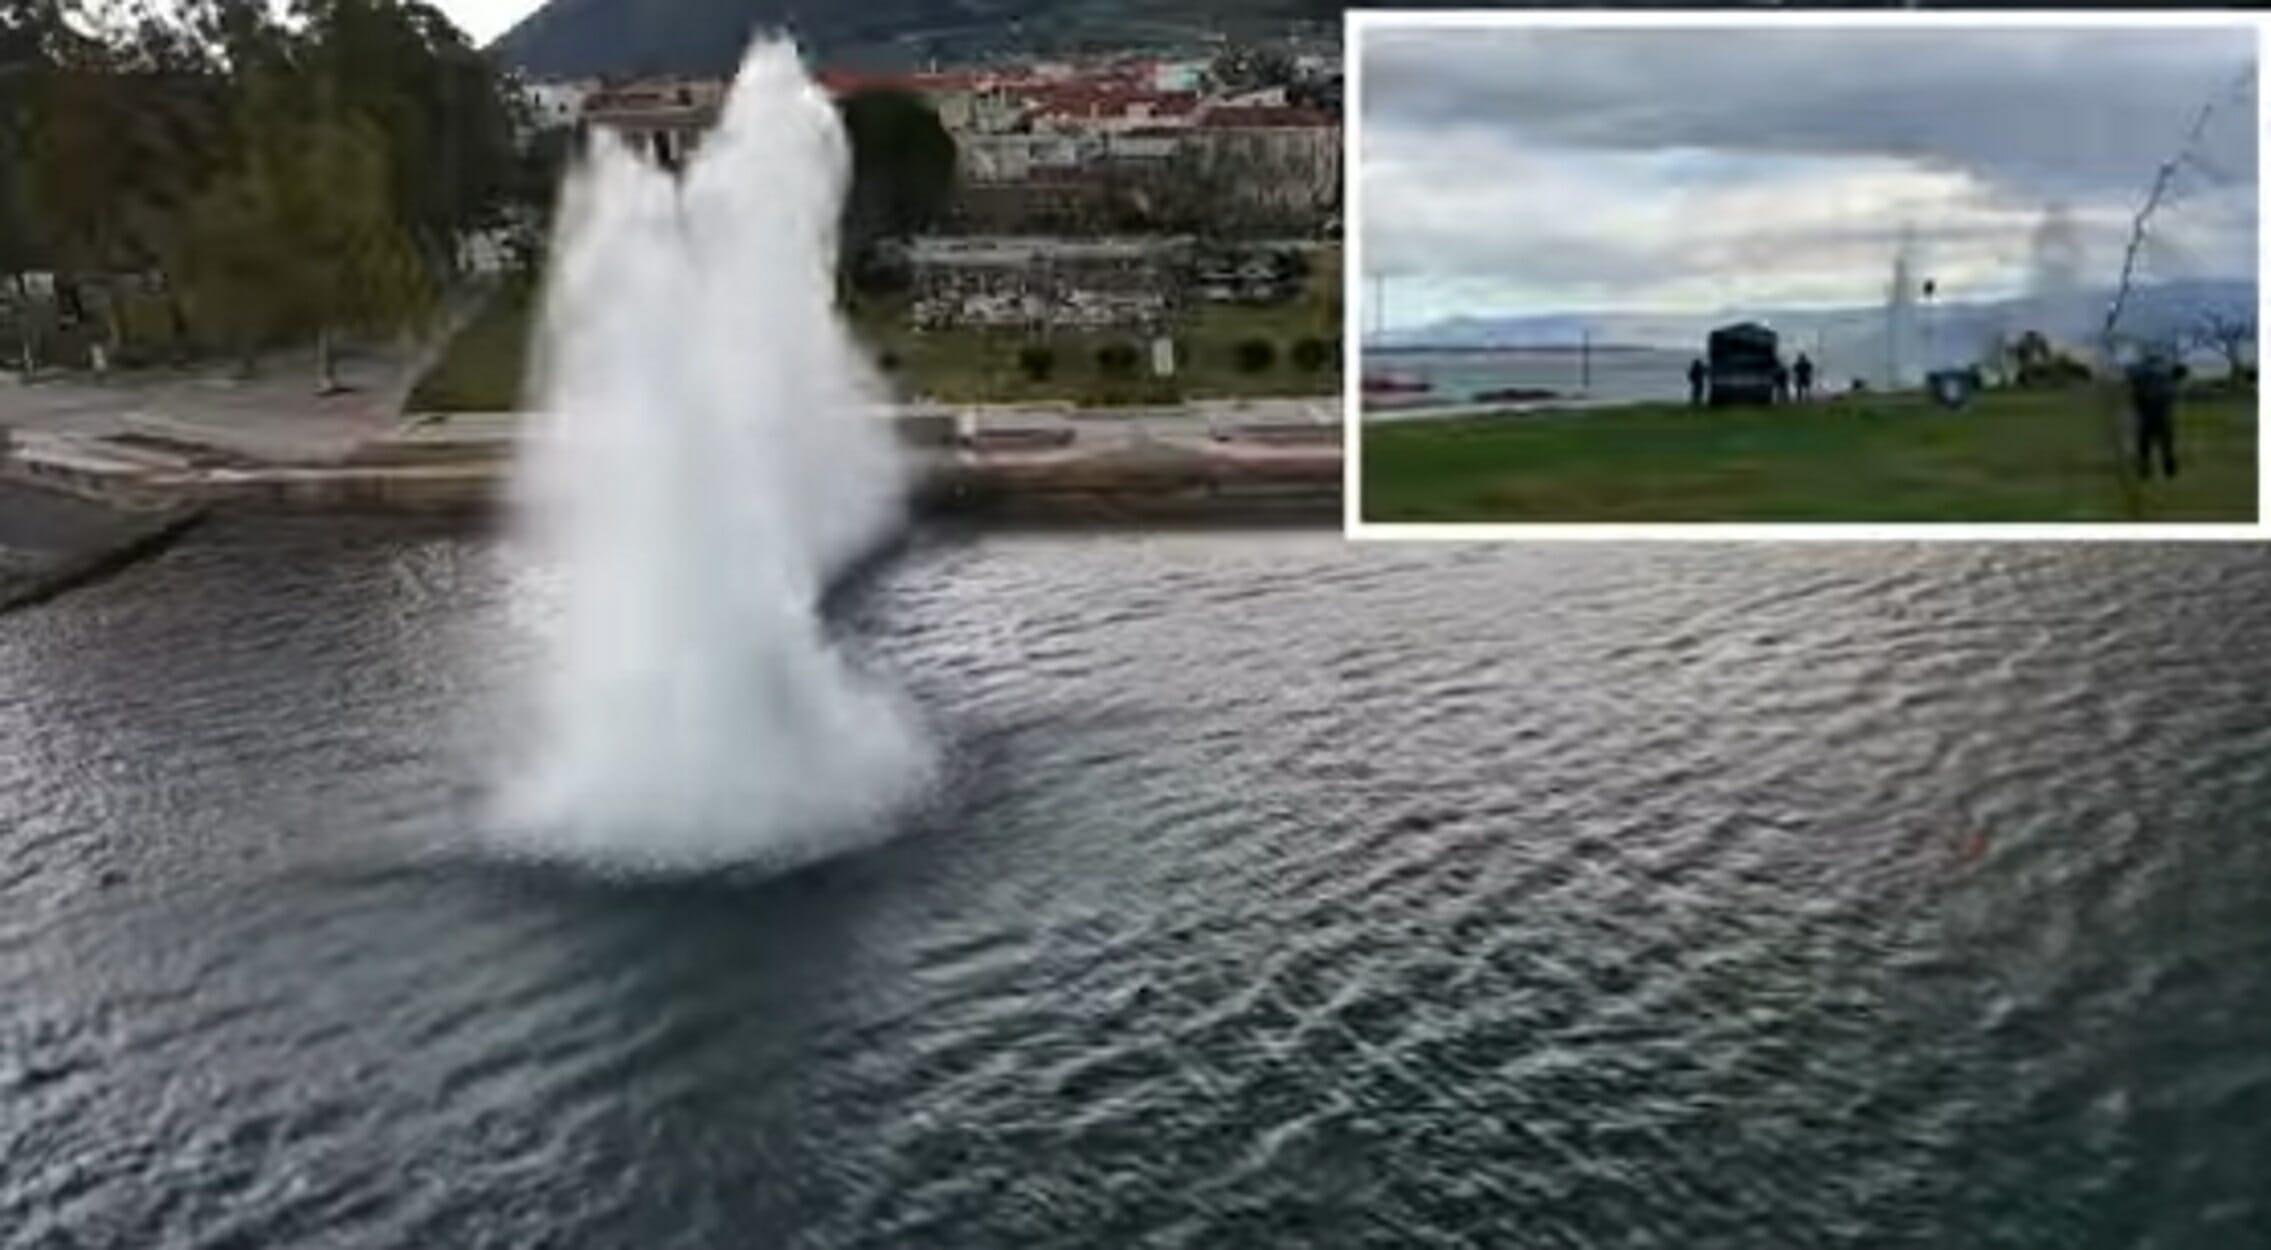 Καμένα Βούρλα: Κόβει την ανάσα βίντεο ανατίναξης οβίδας μέσα στη θάλασσα!